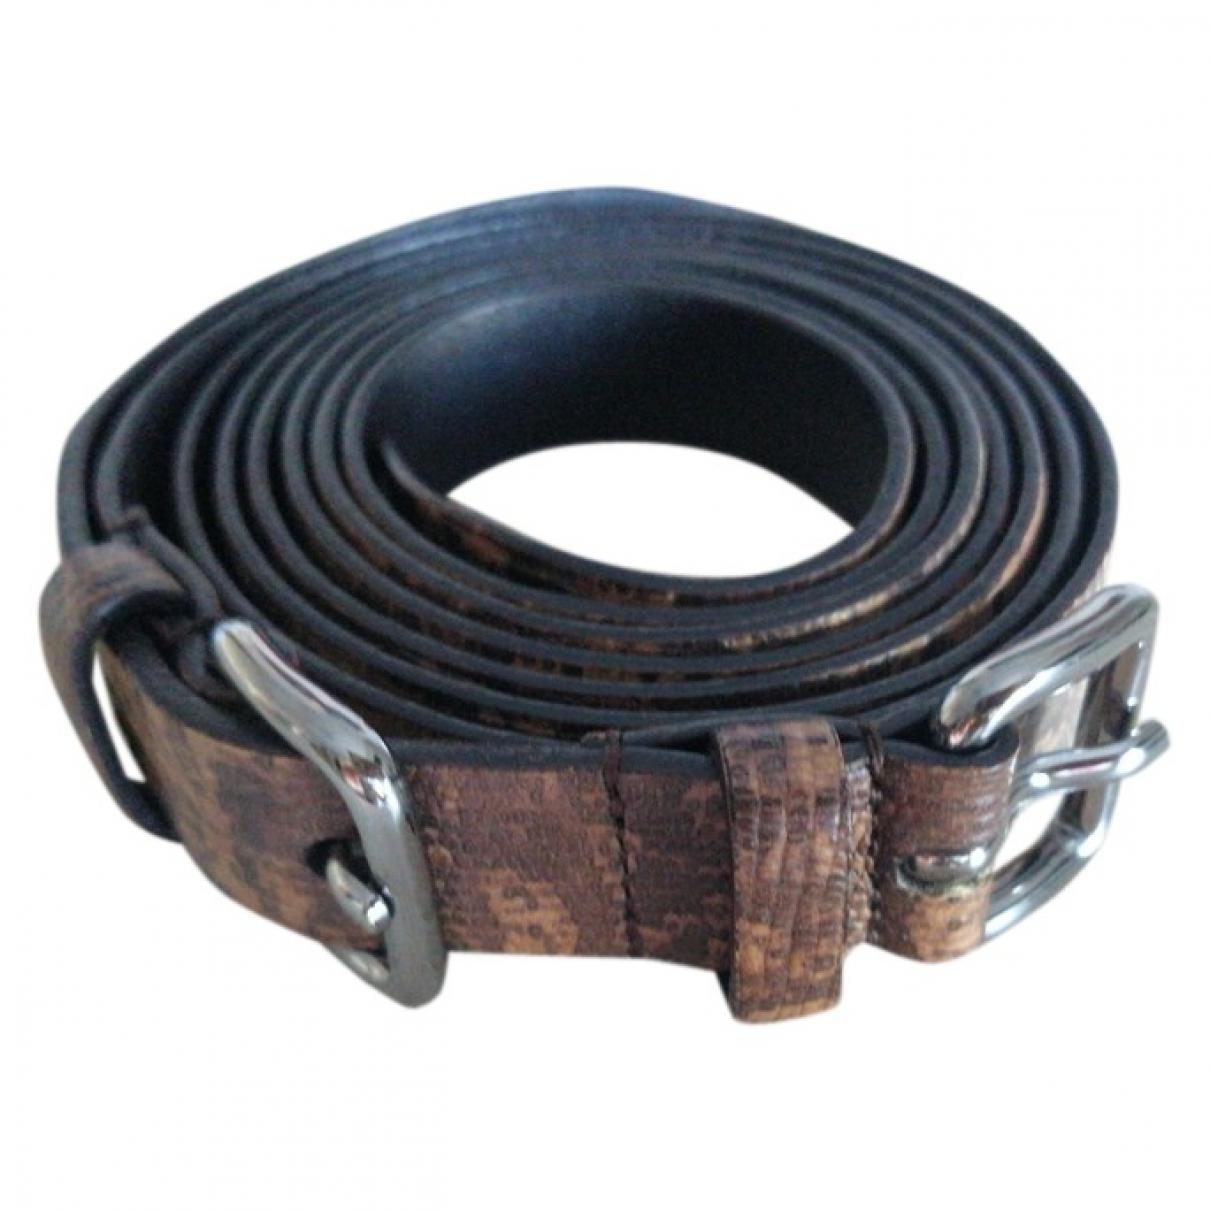 Miu Miu \N Ecru Leather belt for Women M International